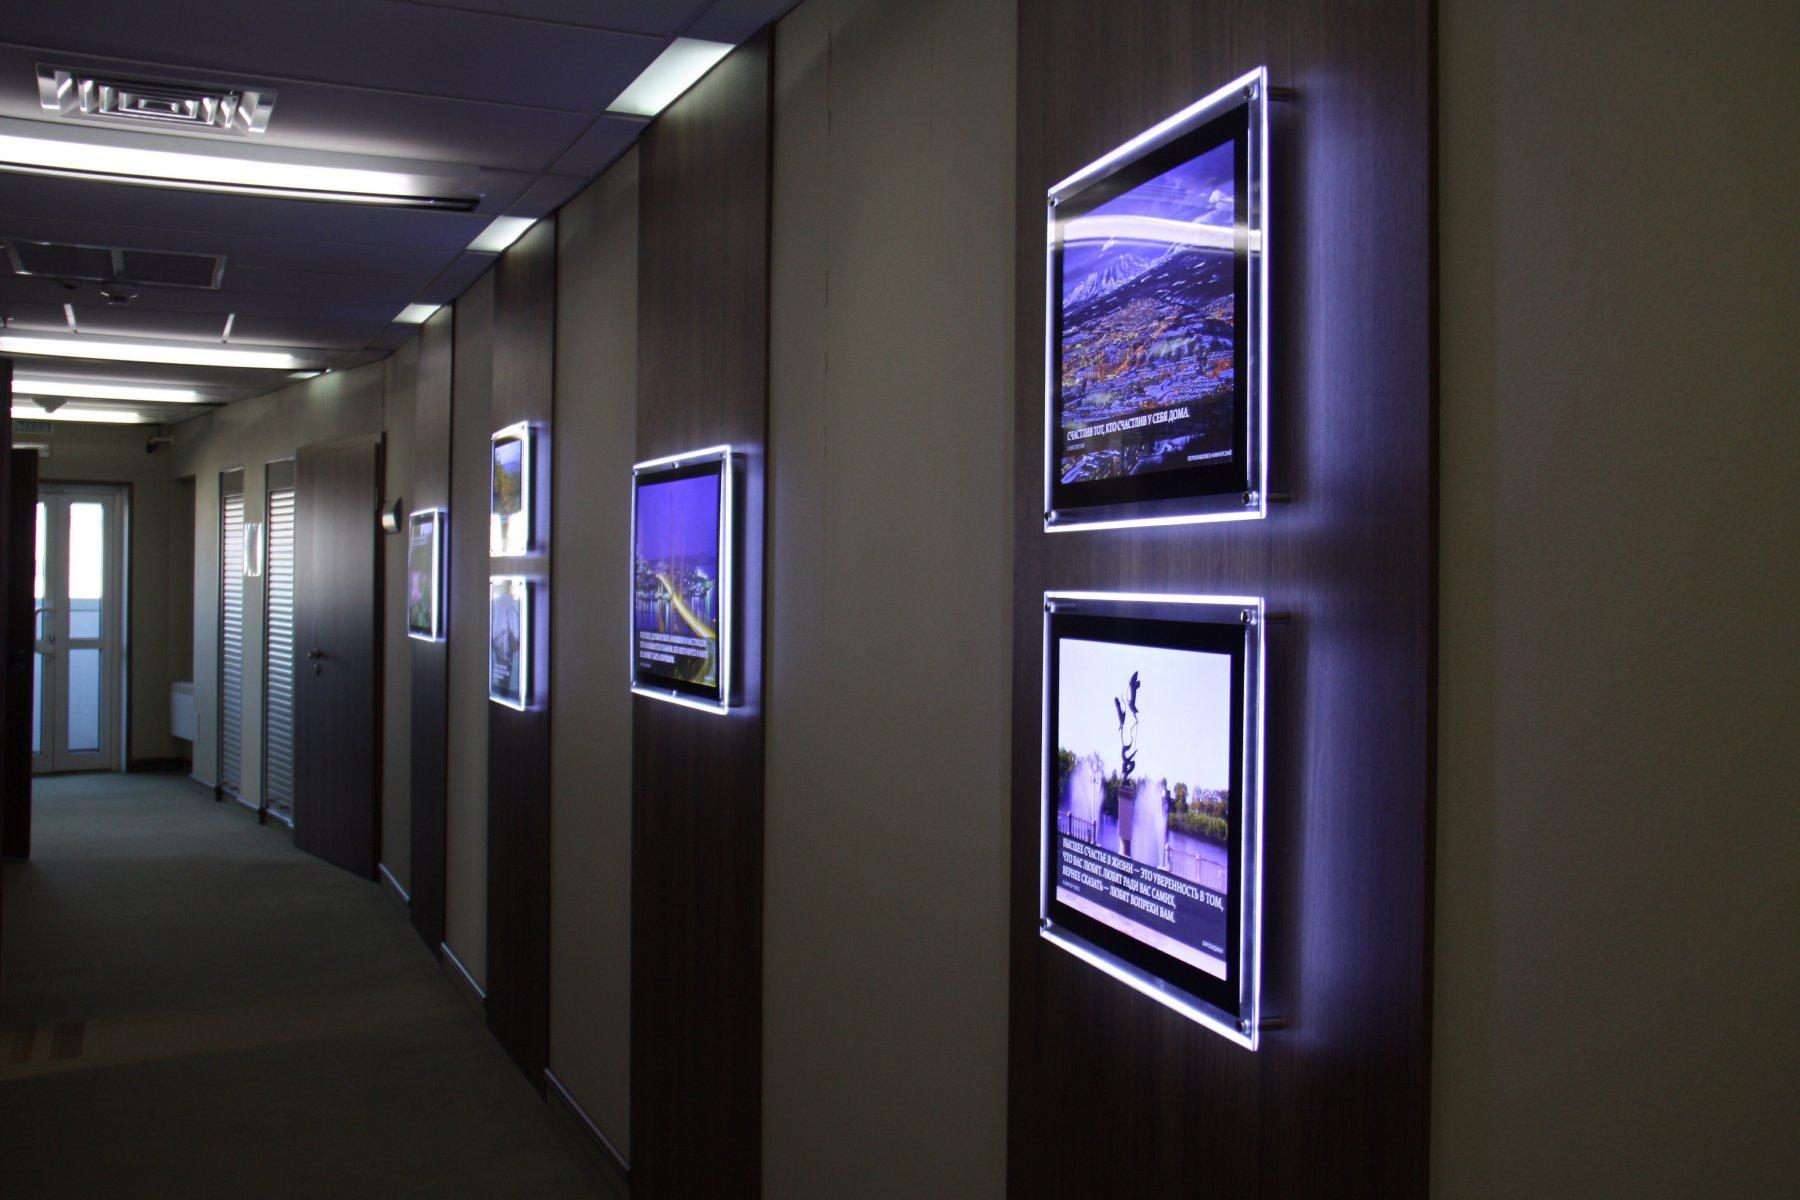 является лайт боксы настенные световые фото натяжных потолках это